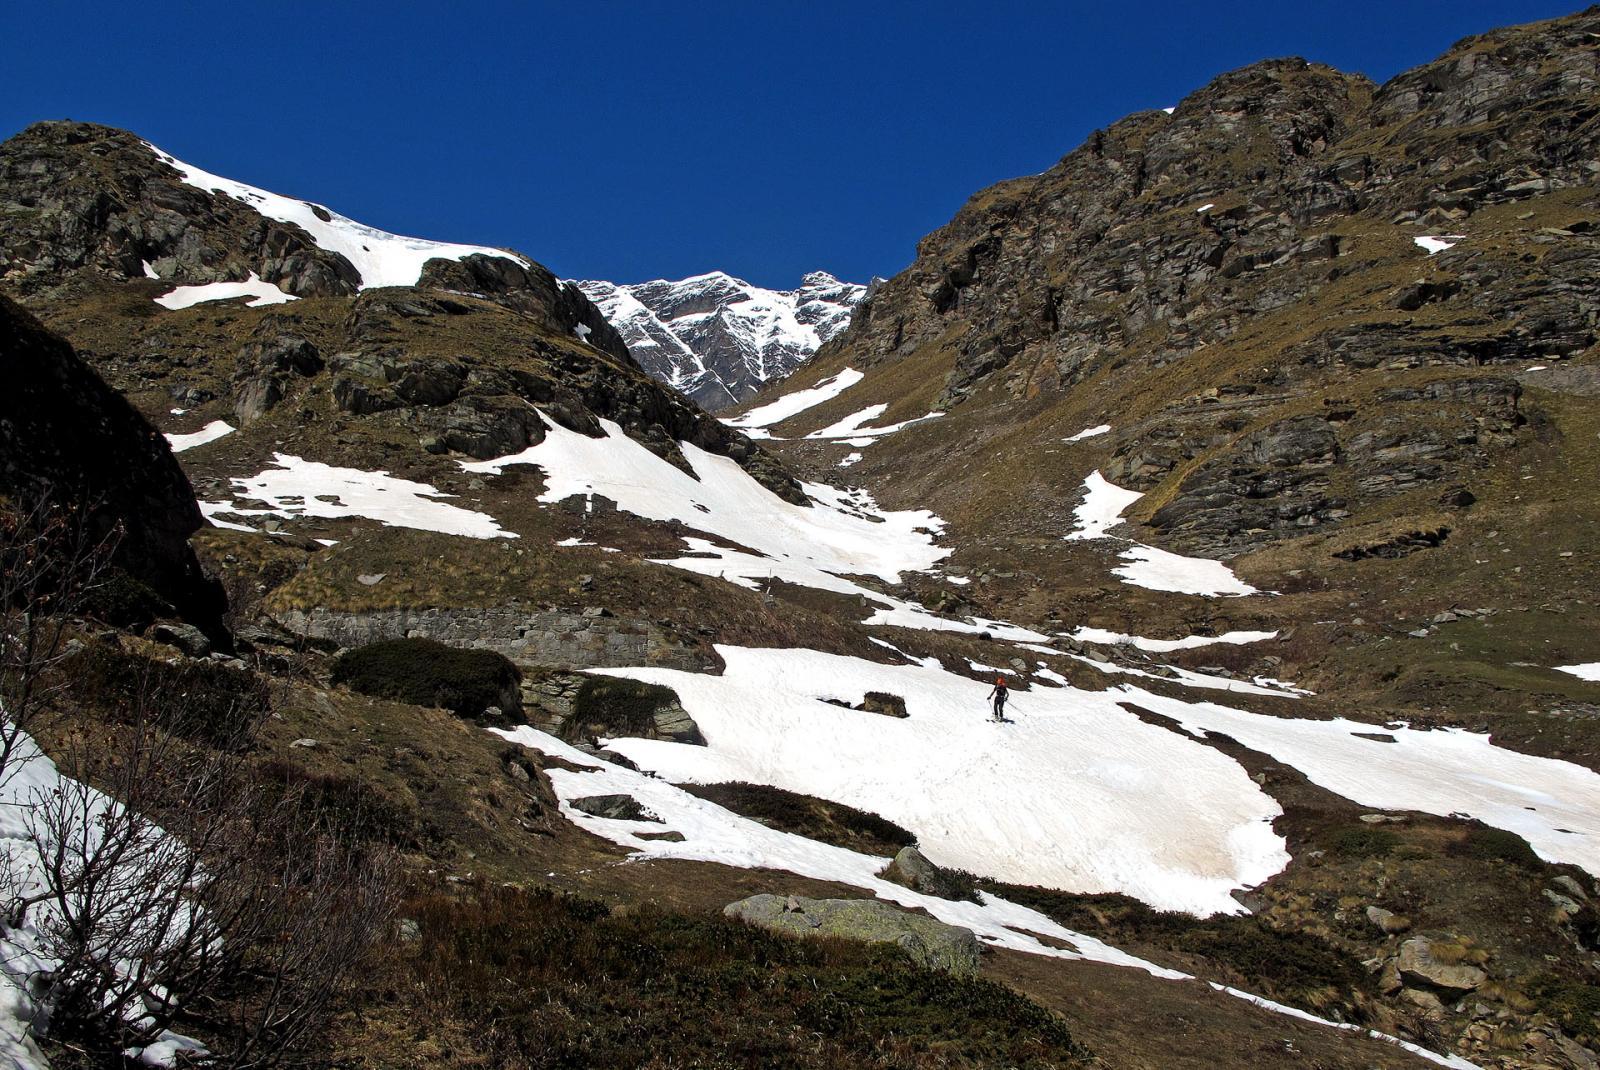 Ultimi nevai,si scende fino a un paio di tornanti sopra il v. del Carro